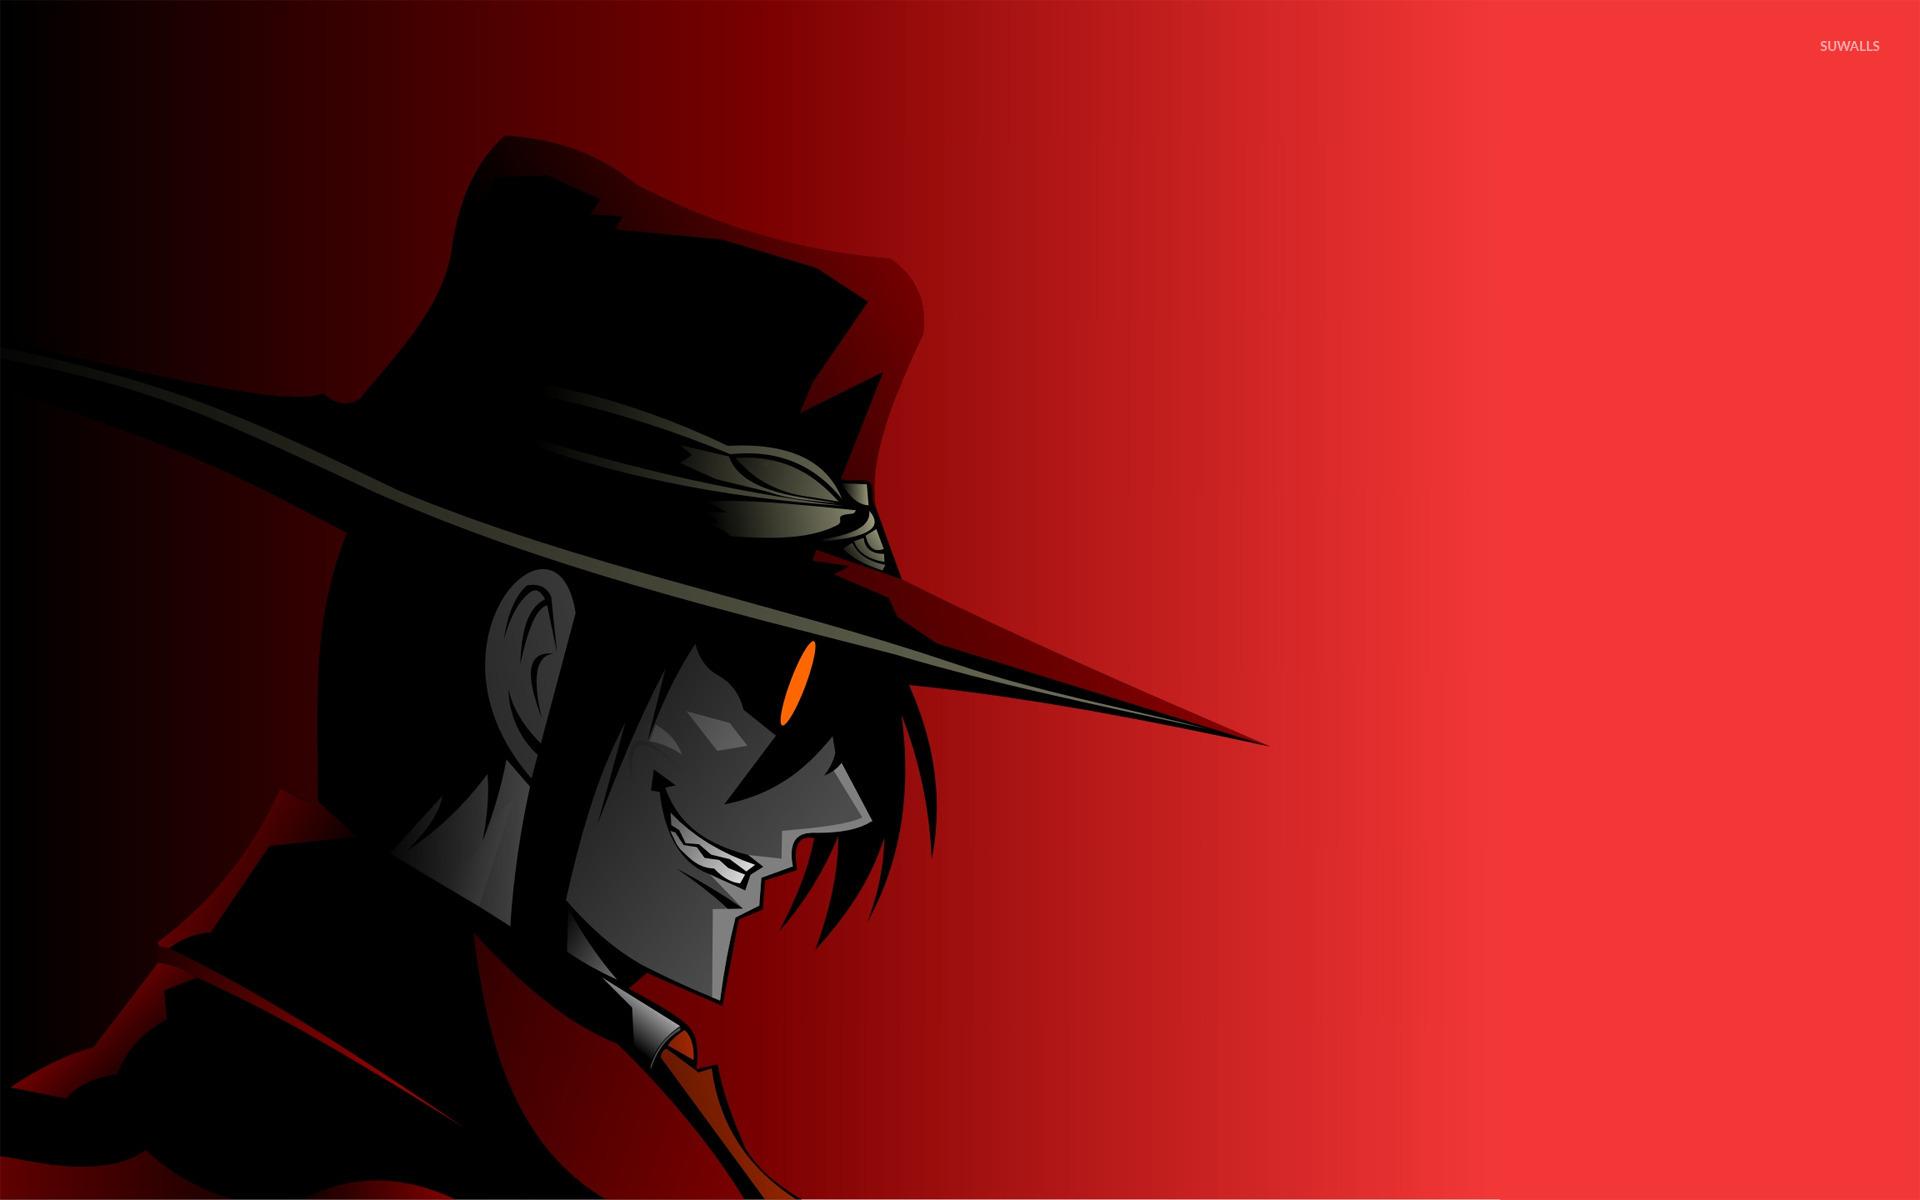 Alucard Hellsing [3] Wallpaper Anime Wallpapers